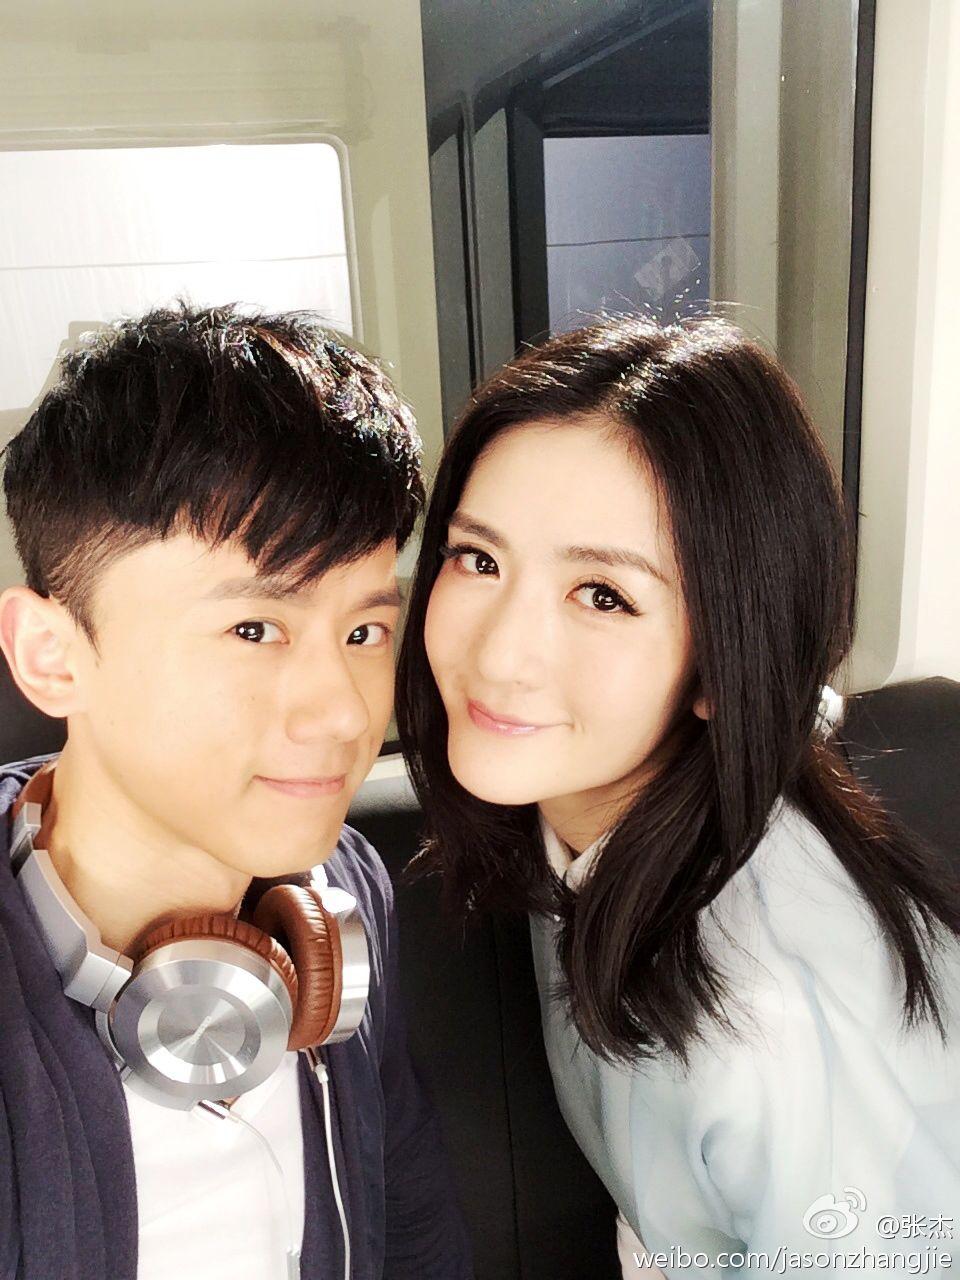 Mặc 'lời nguyền' 7 năm, Tạ Na - Trương Kiệt vẫn là cặp đôi hạnh phúc nhất Cbiz thời điểm hiện tại Ảnh 2